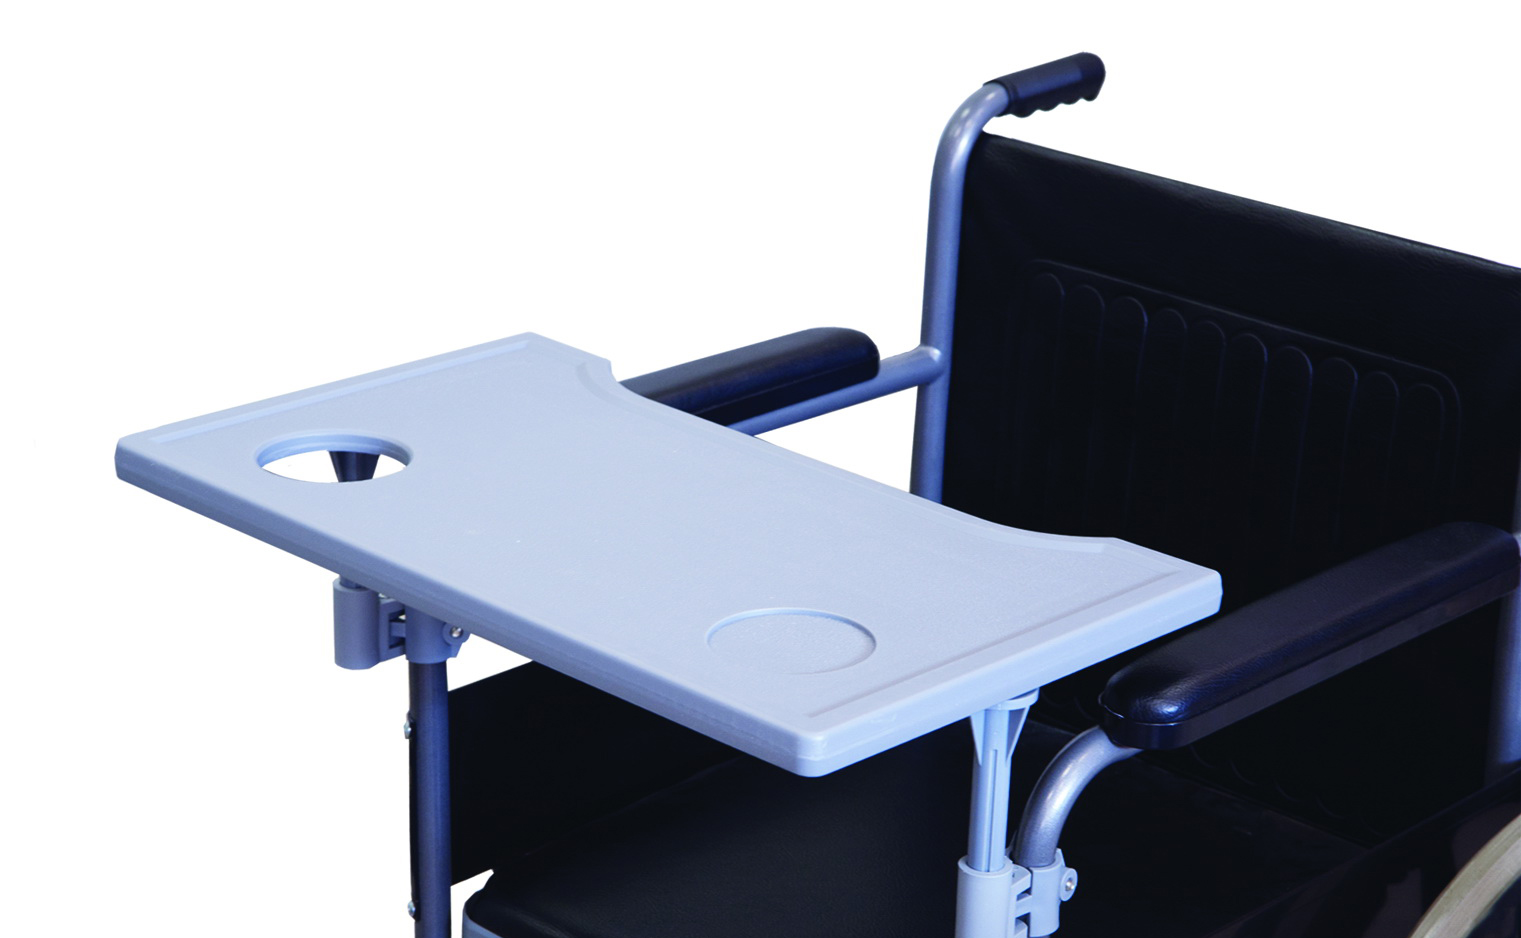 показ столики для инвалидов на колесиках купить кинешма подержанные